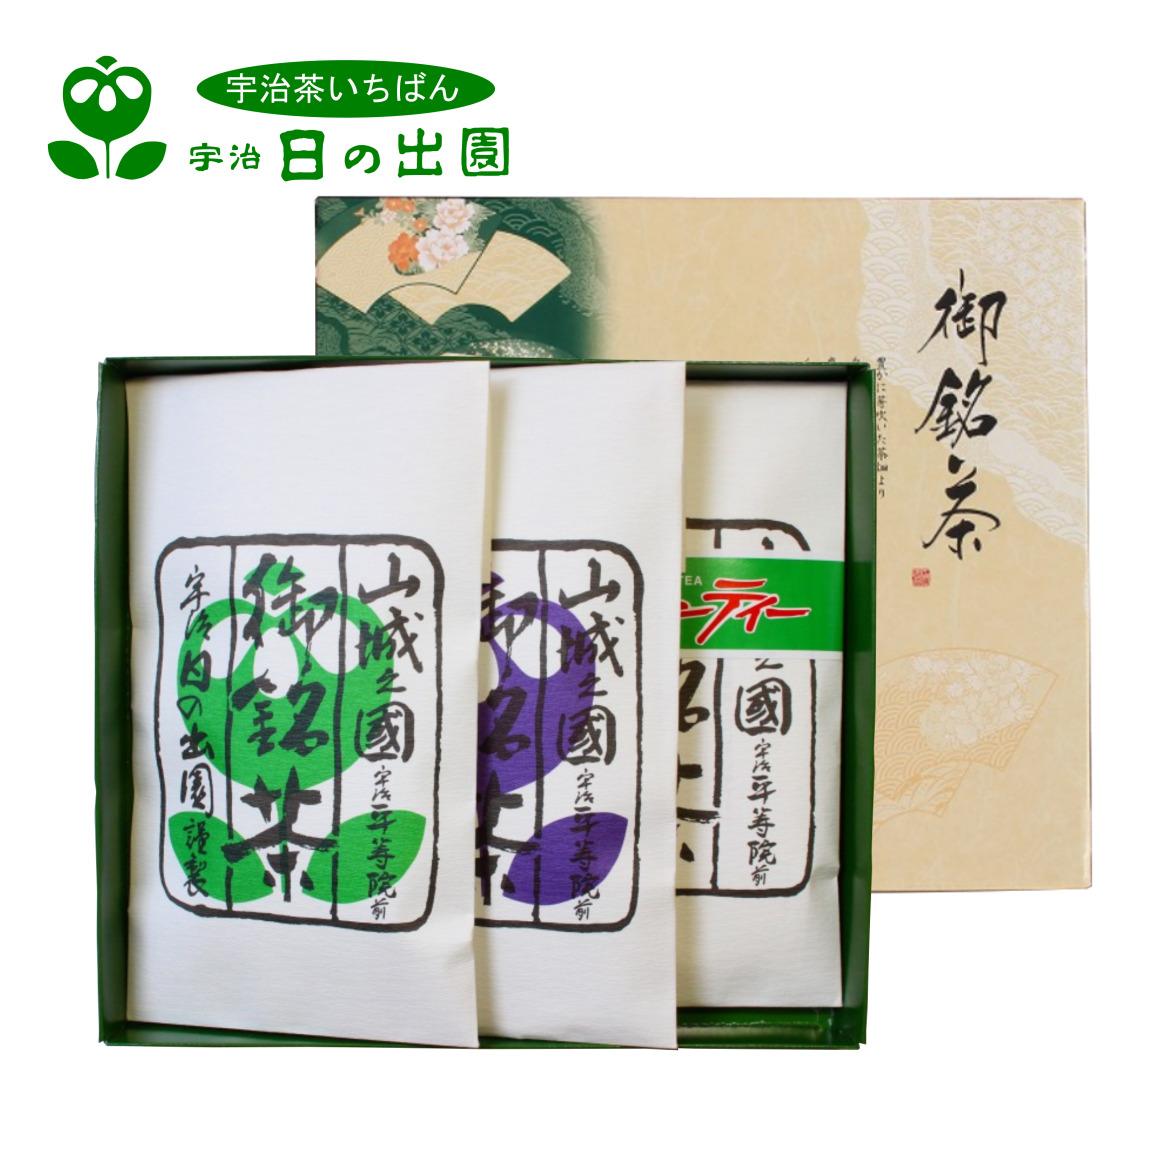 贈り物やお供えにも人気のギフトセットです さわやかな極上煎茶とまろやかな上玉露が100gずつと 好評 グリーンティーが180g入ってます お茶好きの方にもきっとお喜びいただけます 日本茶ギフト YD-500 煎茶 玉露 グリーンティー 宇治茶 緑茶 お茶 茶葉 日本茶 超目玉 御年賀 お歳暮 お中元 粗供養 送料無料 手土産 カテキン 父の日 ギフト 敬老の日 内祝 御供 贈り物 プレゼント 包装無料 お祝い のし無料 母の日 おちゃ ごあいさつ